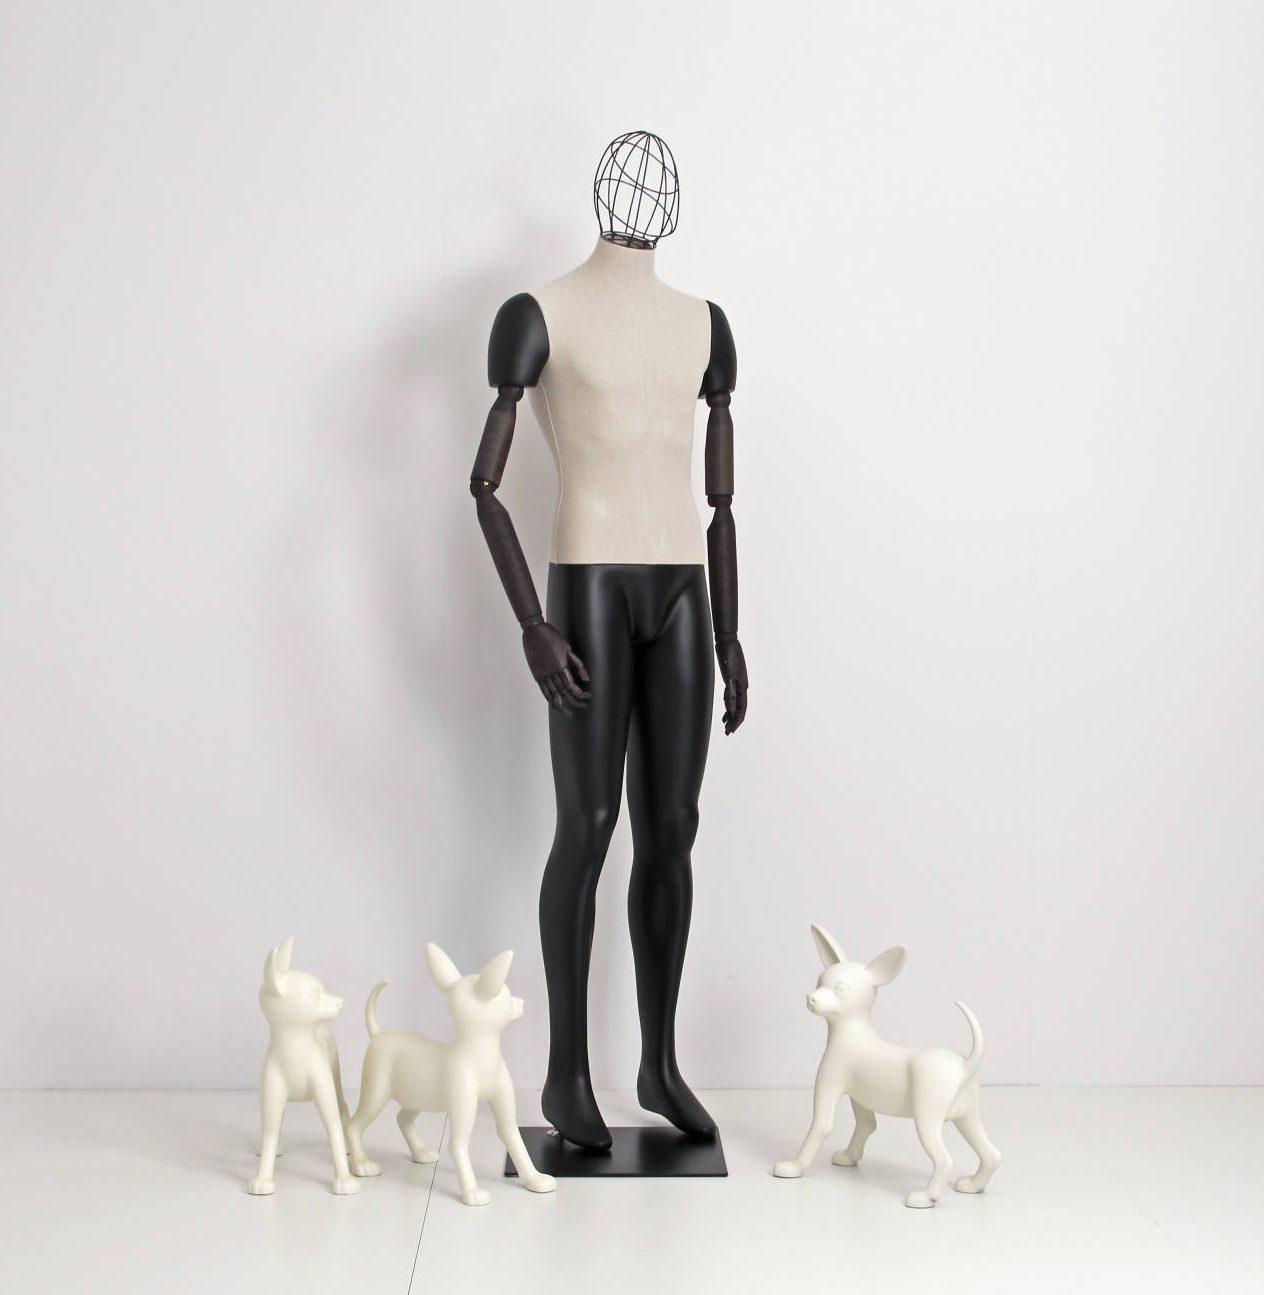 Herre vintage mannequin, hvor kroppen er betrukket med stof, armene er lavet af træ og er bevægelige; Hovedet er et metal / trådhoved.